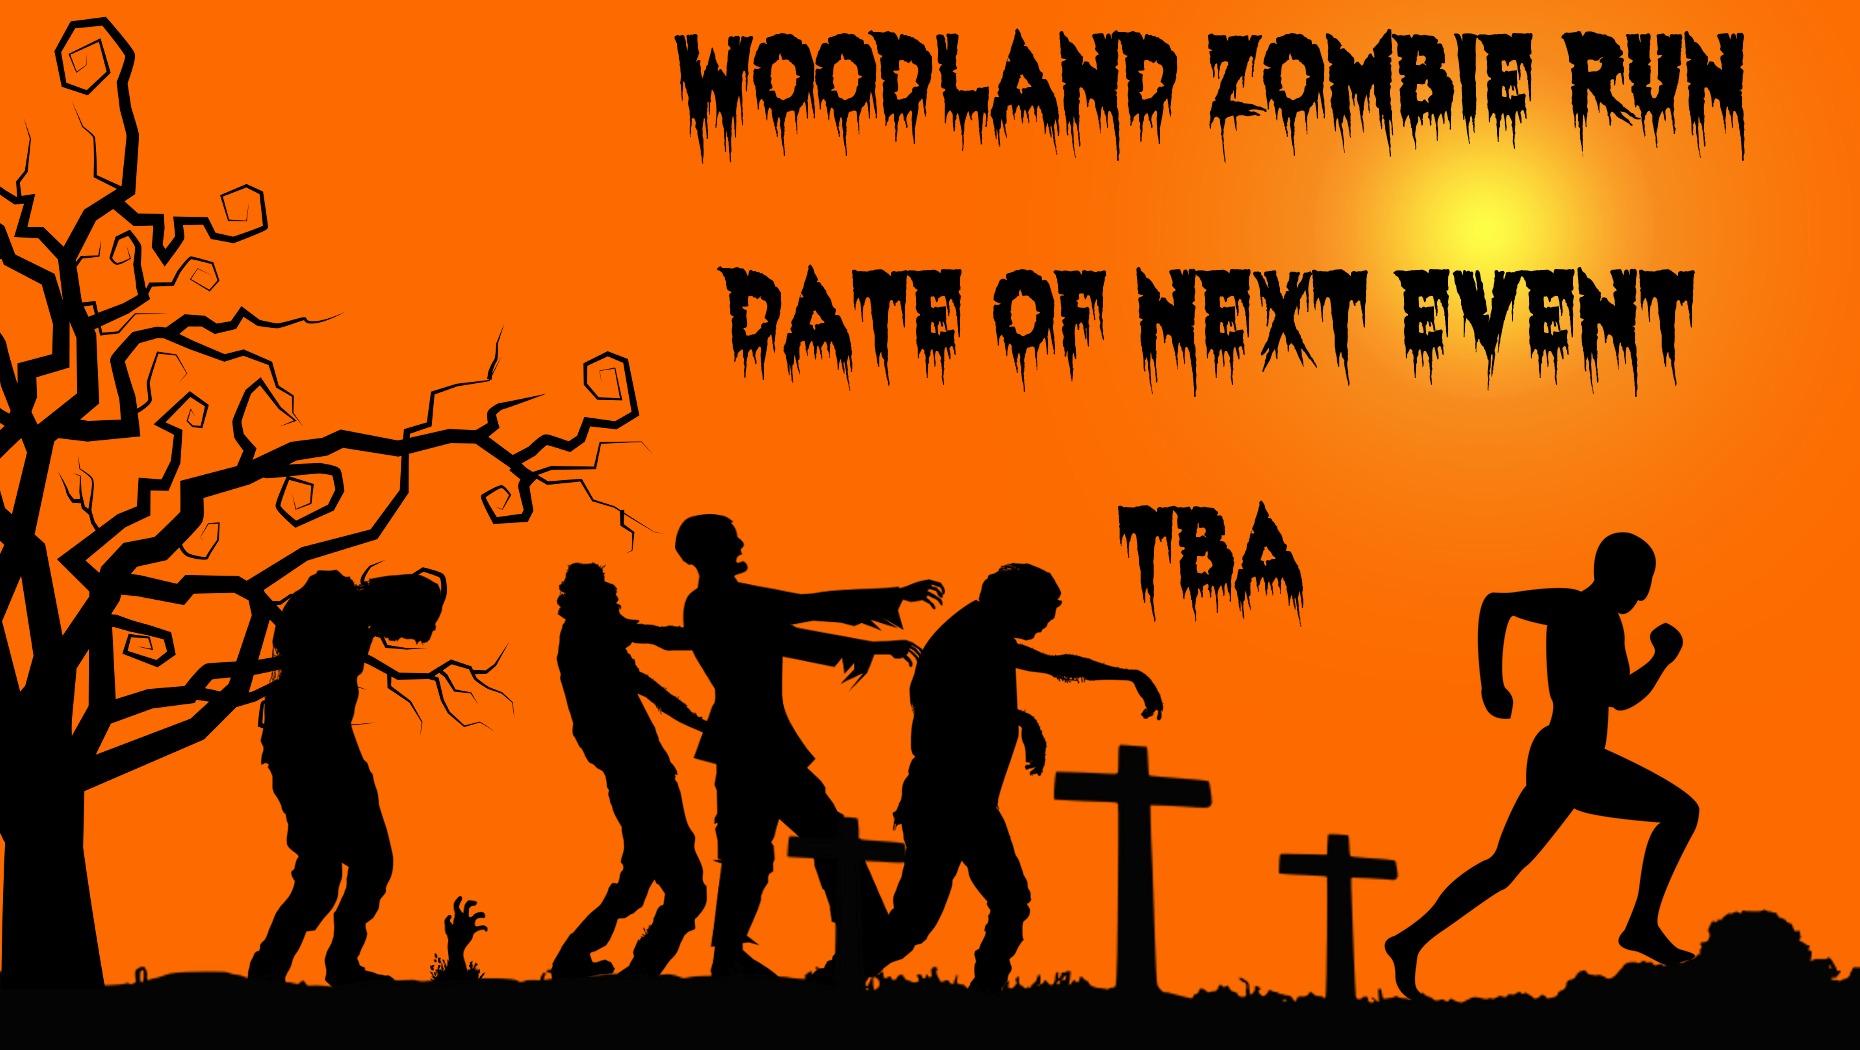 Woodland Zombie Run Norwich